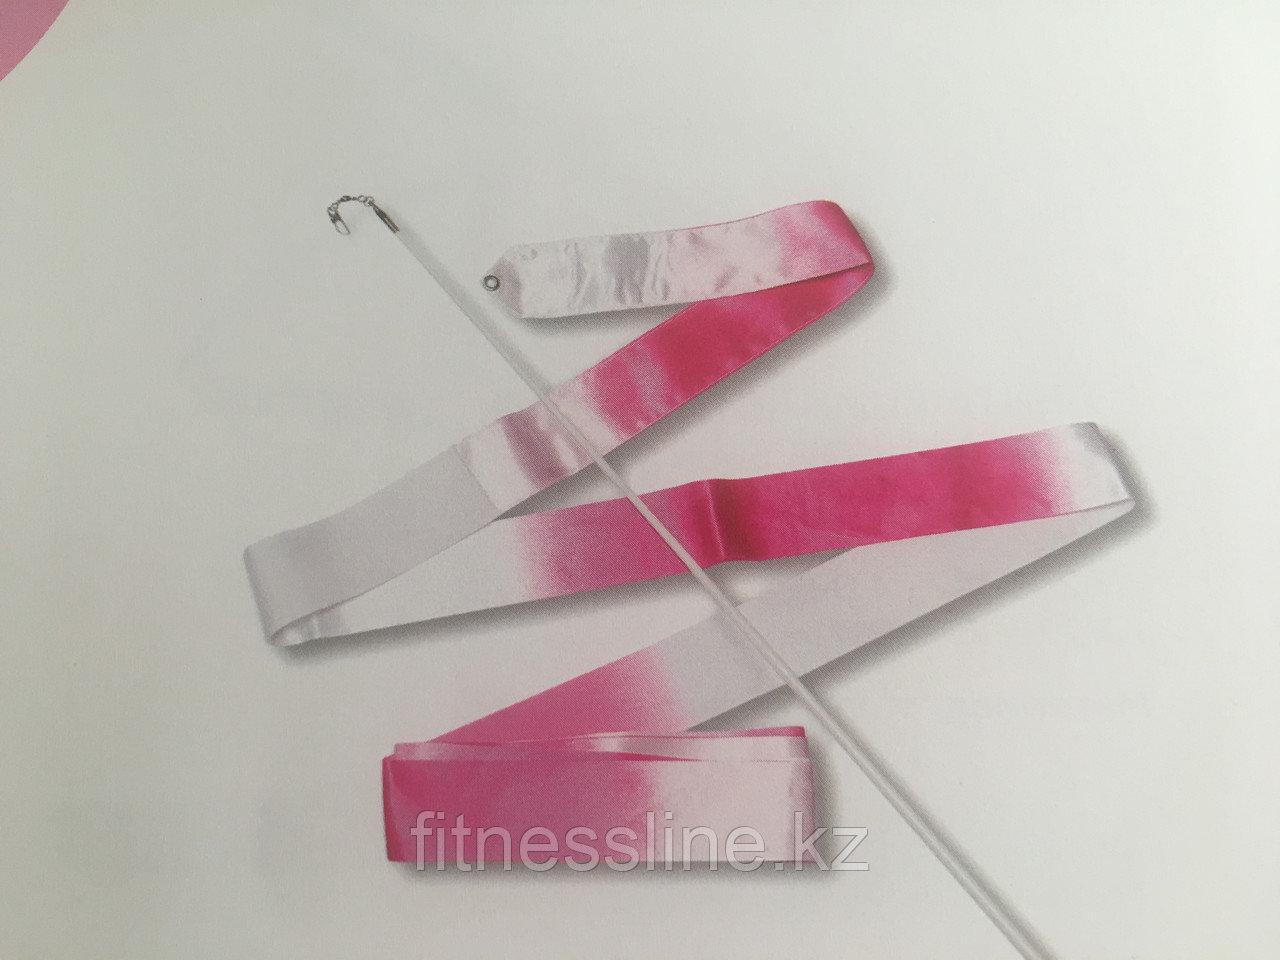 Лента гимнастическая радужная - бело-розовая